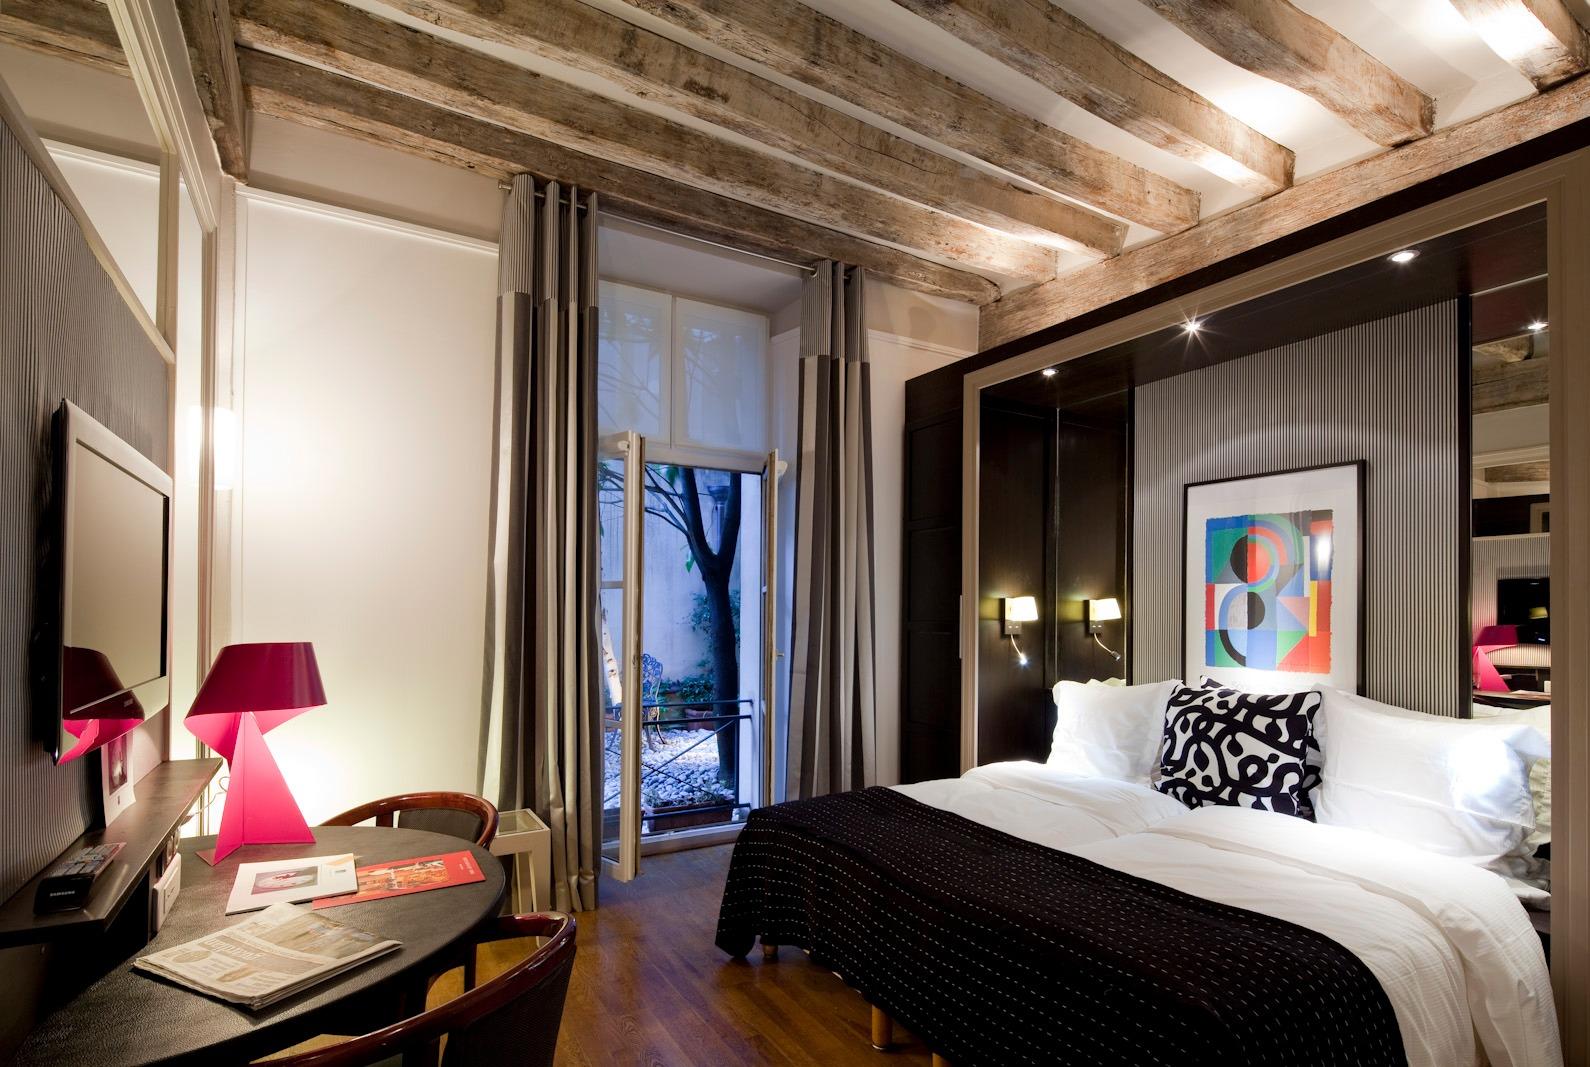 Hotel Jeu de Paume Paris